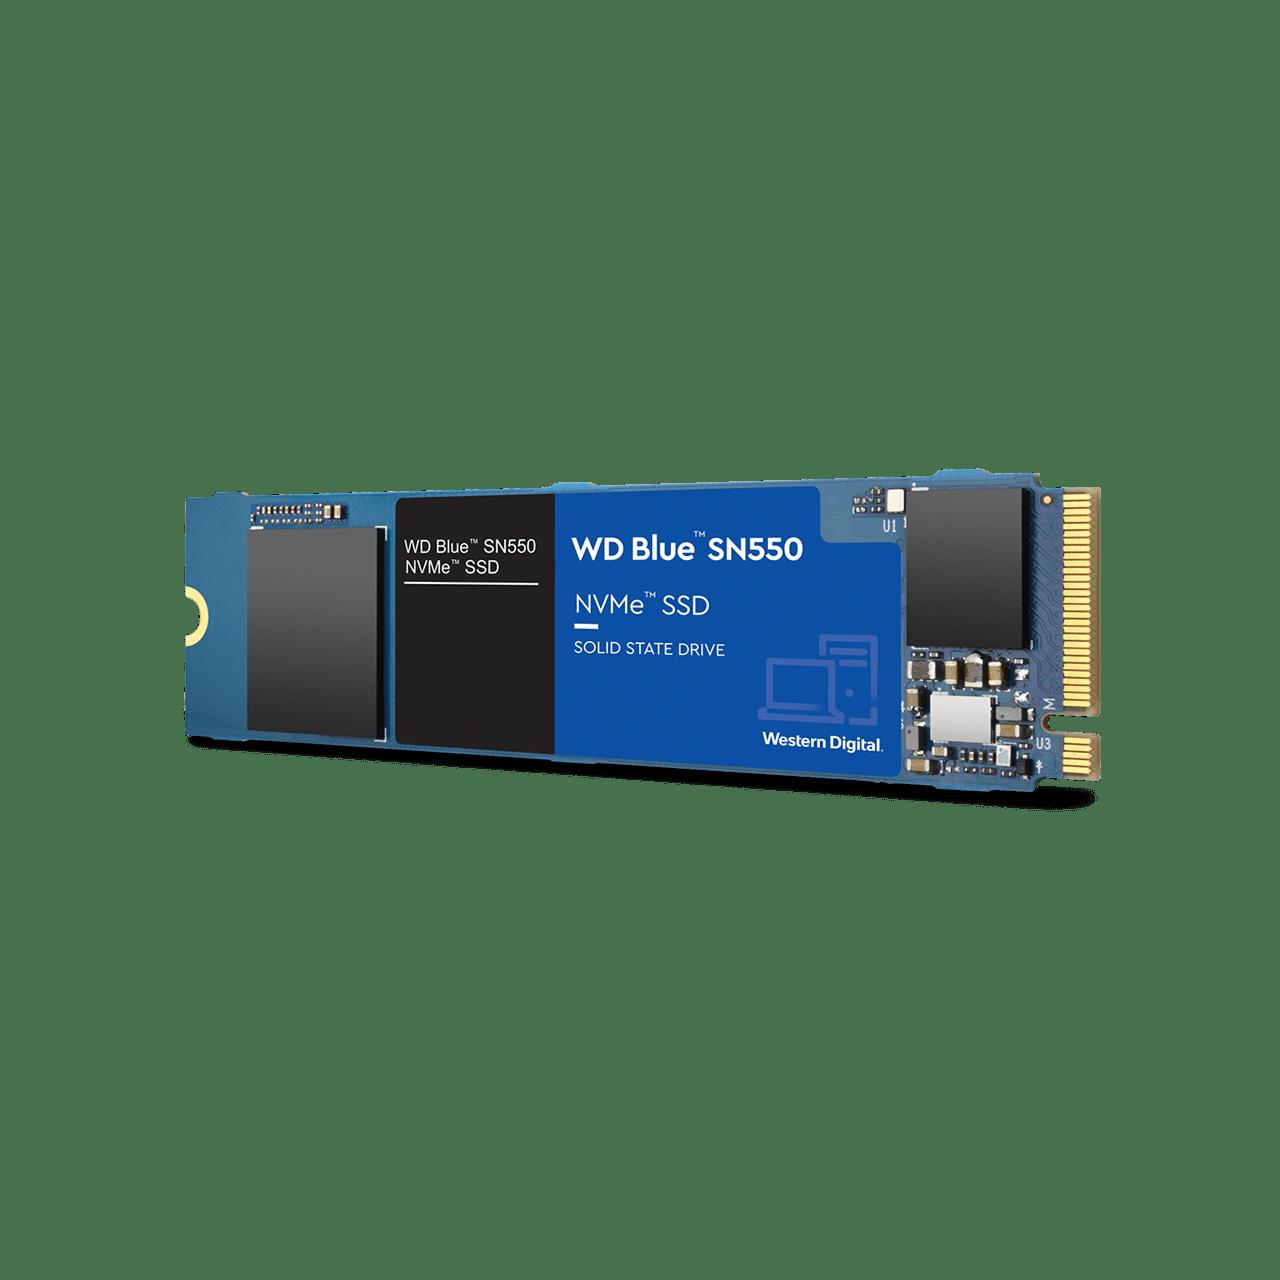 WD Blue™ SN550 NVMe™ SSD | Western Digital Store